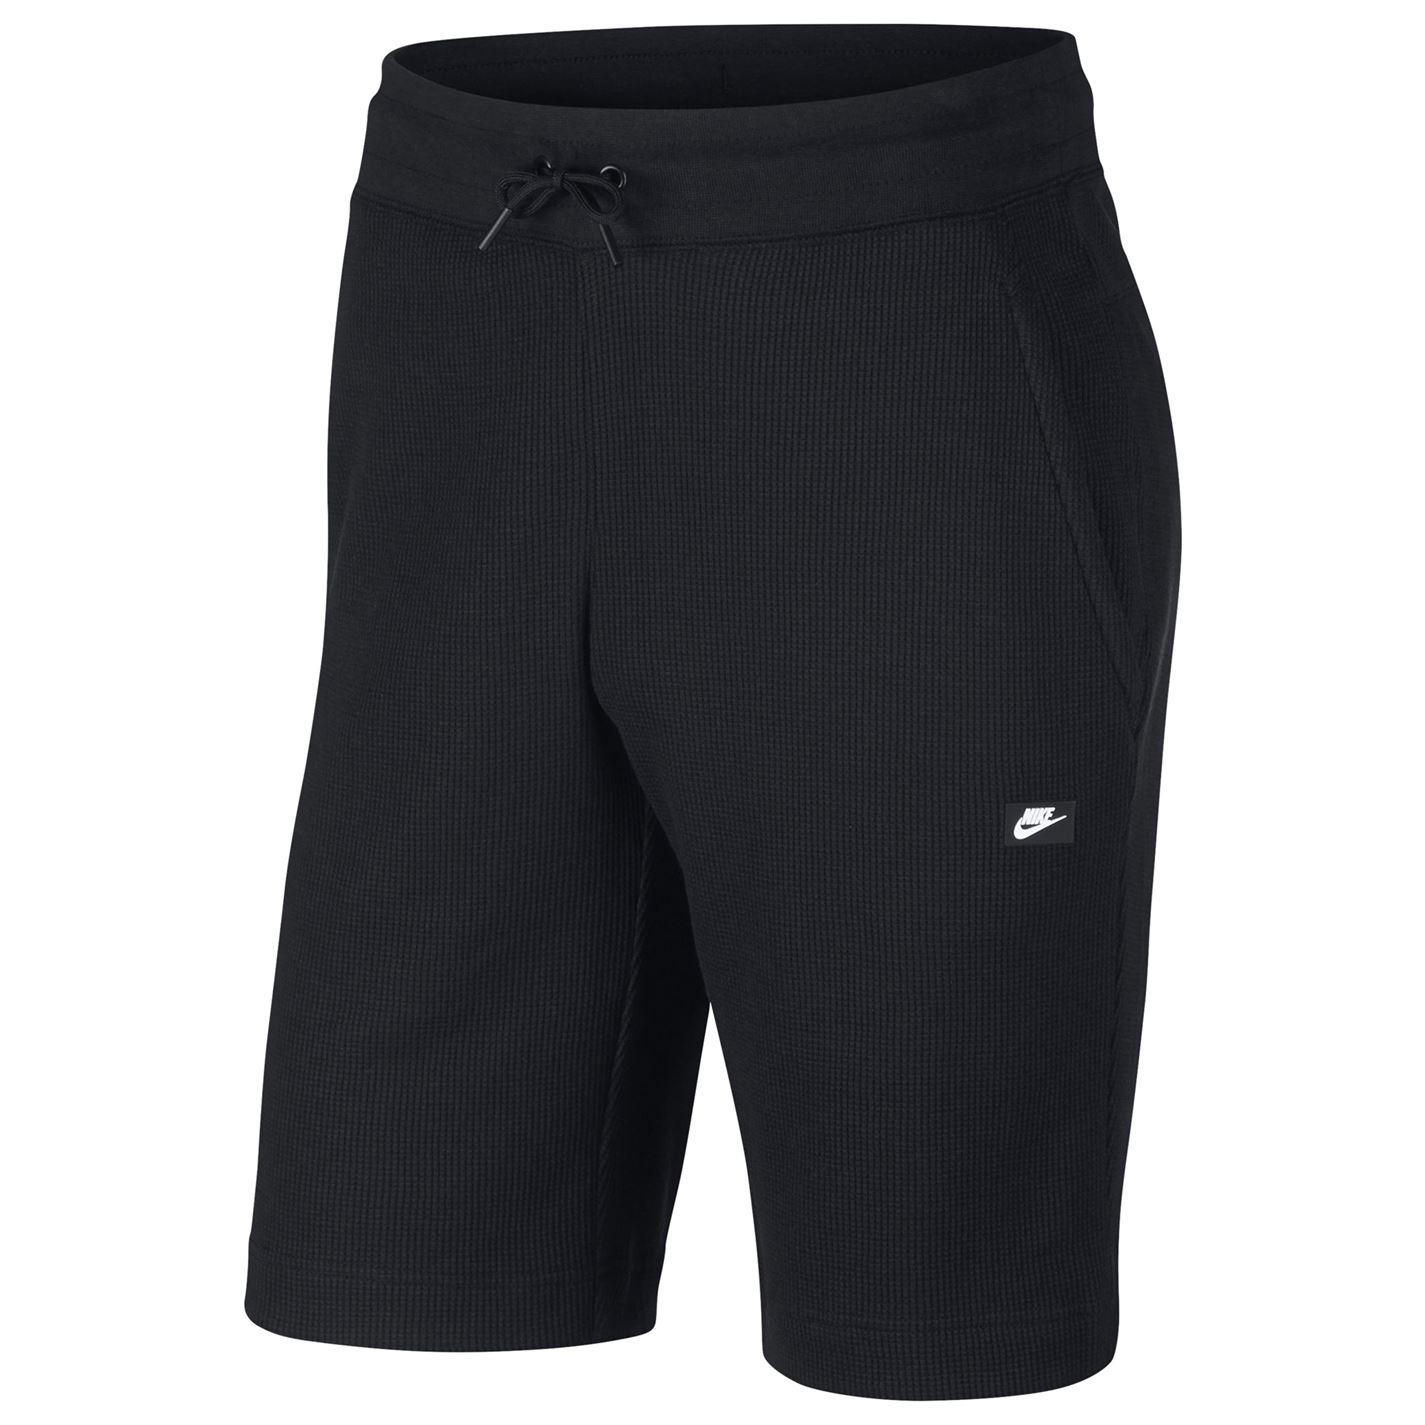 Nike Waffle Shorts Mens